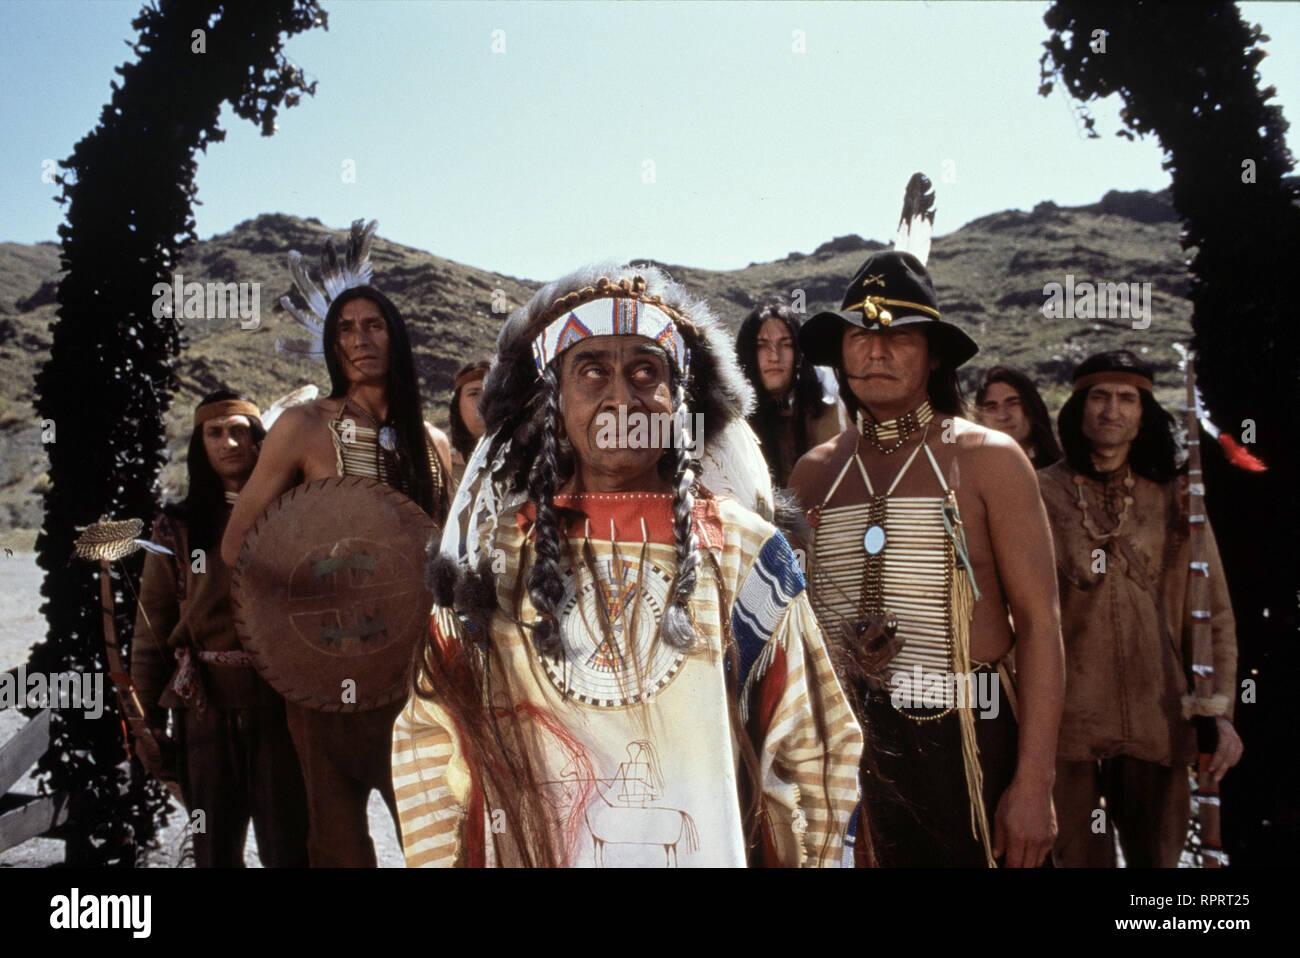 DER SCHUH DES MANITU / D 2001 / Michael 'Bully' Herbig Der Apachenhäuptling Abahachi und sein Blutsbruder Ranger sorgen im Wilden Westen für Frieden und Gerechtigkeit. Abahachi nimmt bei den Schoschonen einen Kredit zur Finanzierung eines Stamm-Lokals auf und damit beginnen die Schwierigkeiten. Der Gauner Santa Maria dreht ihm eine Schrottfassade an, brennt mit dem Geld durch und schwärzt Abahachi und Ranger bei den Schoschonen an... Foto: Schoschonen-Häuptling 'Listiger Lurch' (IRSHAD PANJATAN). # / Überschrift: DER SCHUH DES MANITU / D 2001 Stock Photo